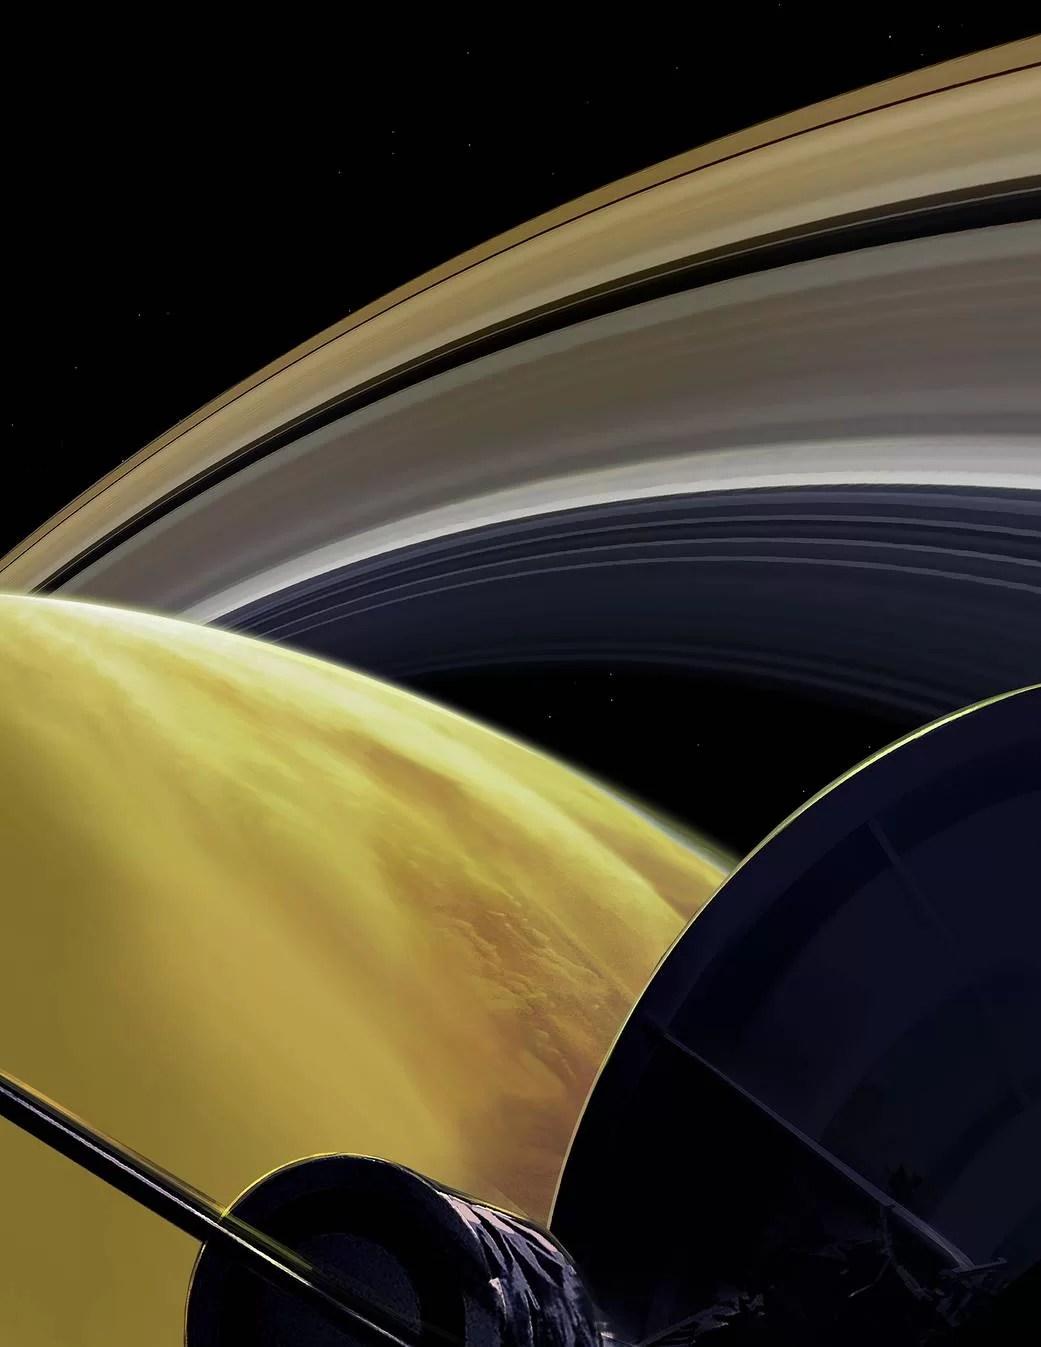 Concepção artística dos últimos momentos da Cassini. A sonda se jogou na densa atmosfera de Saturno para se autodestruir ao final da missão e não representar perigo para alguma das luas do planeta. (Créditos da imagem: NASA/JPL-Caltech)